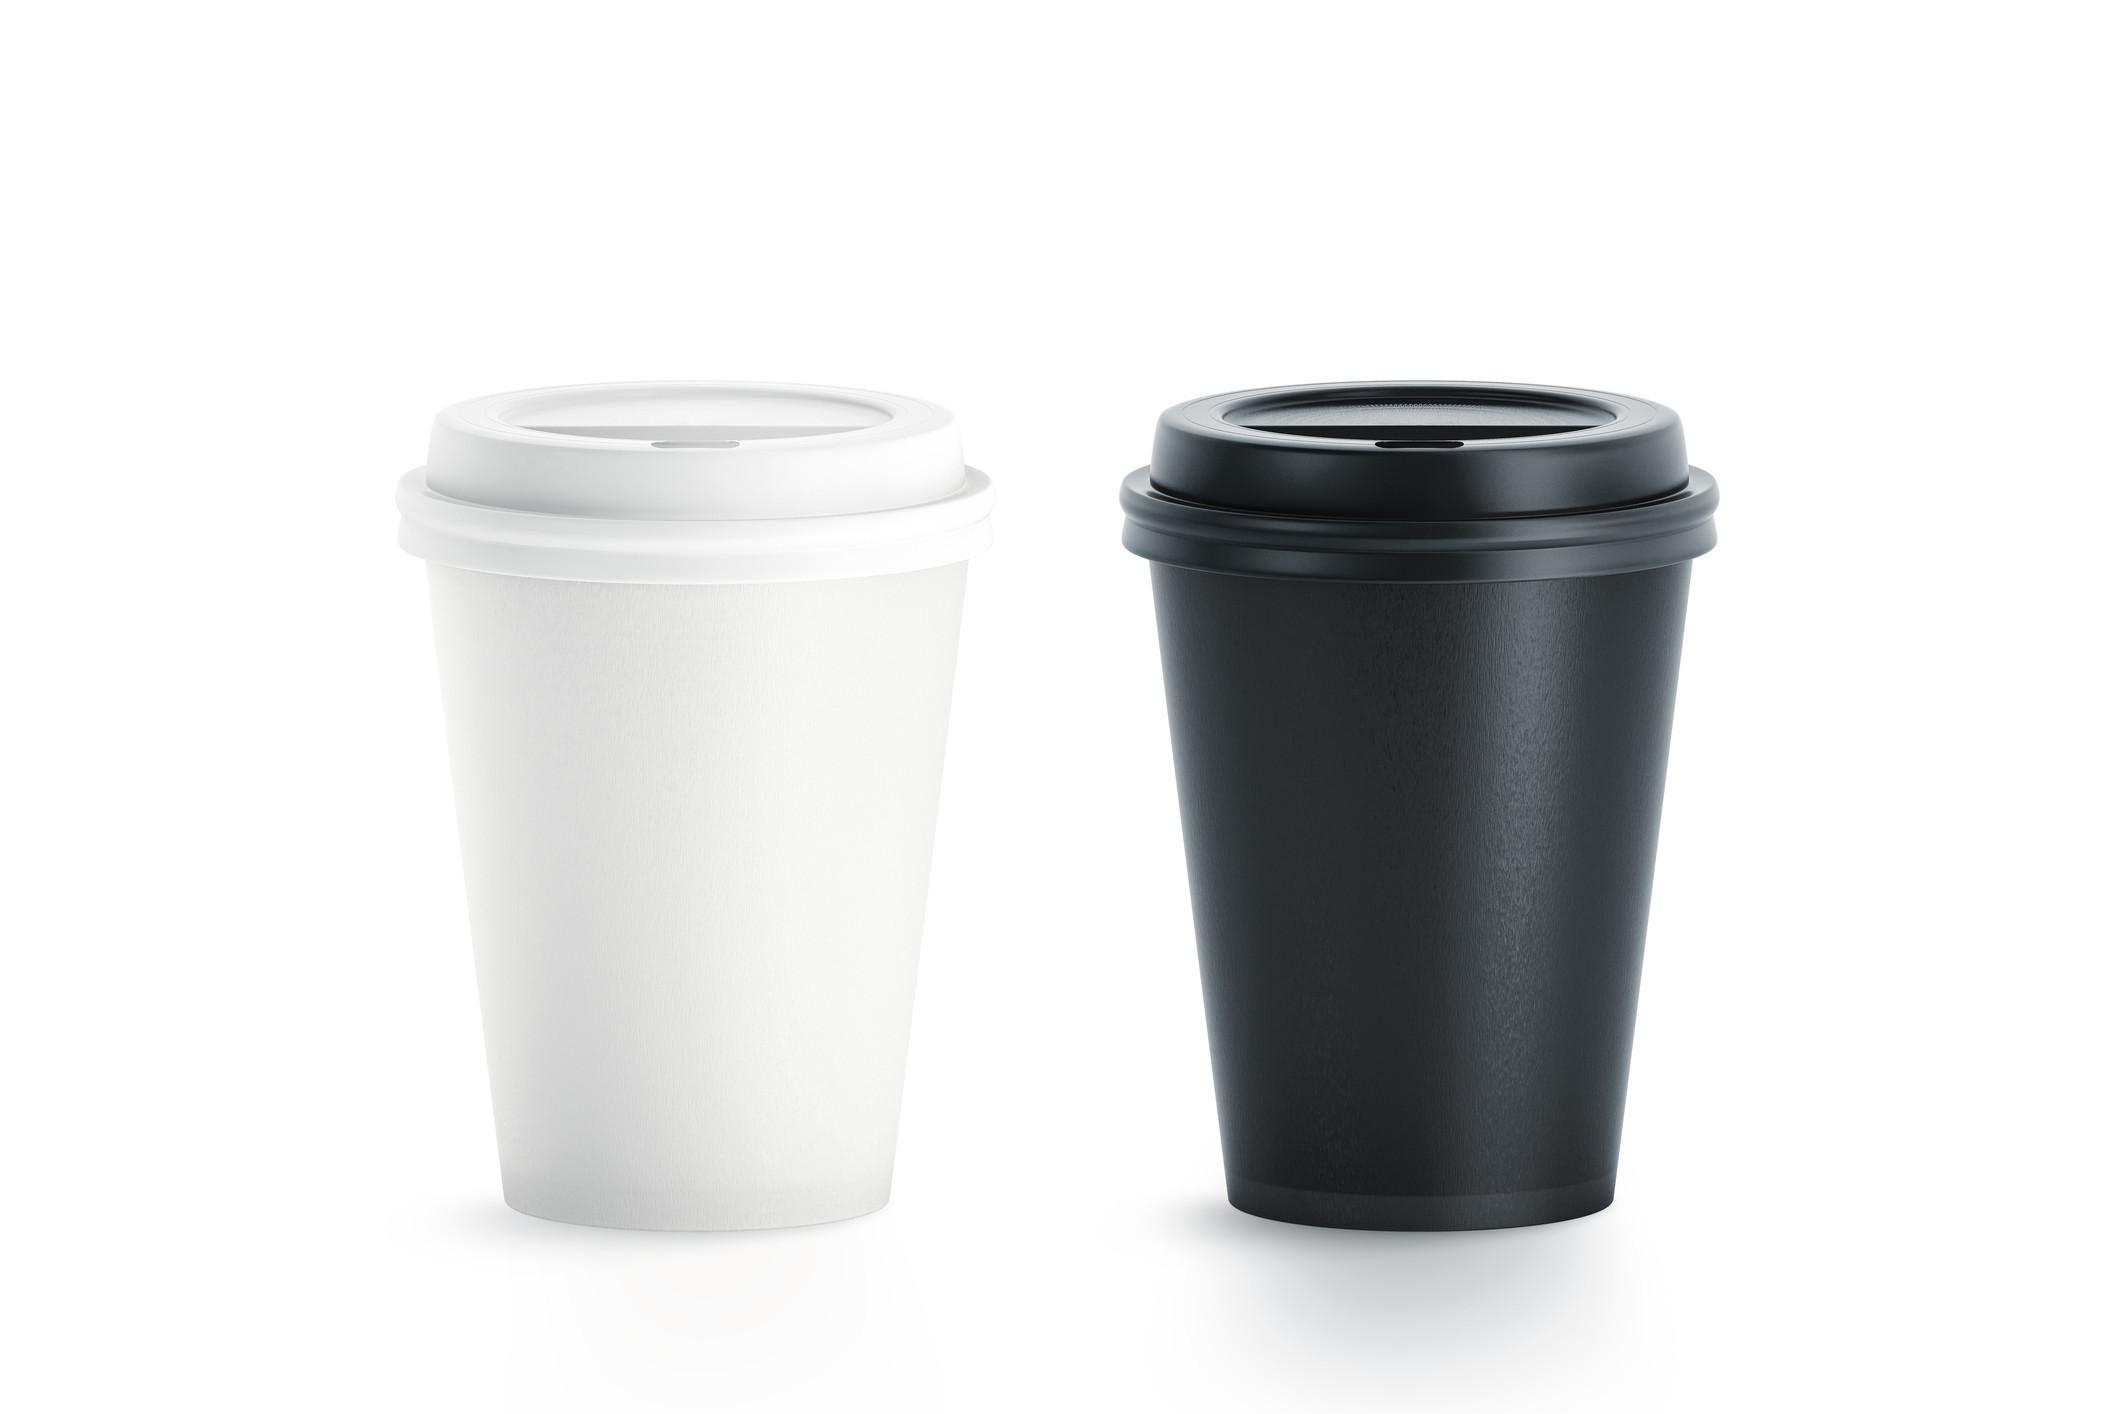 Poluição: veja como reduzir o consumo de plástico e papel